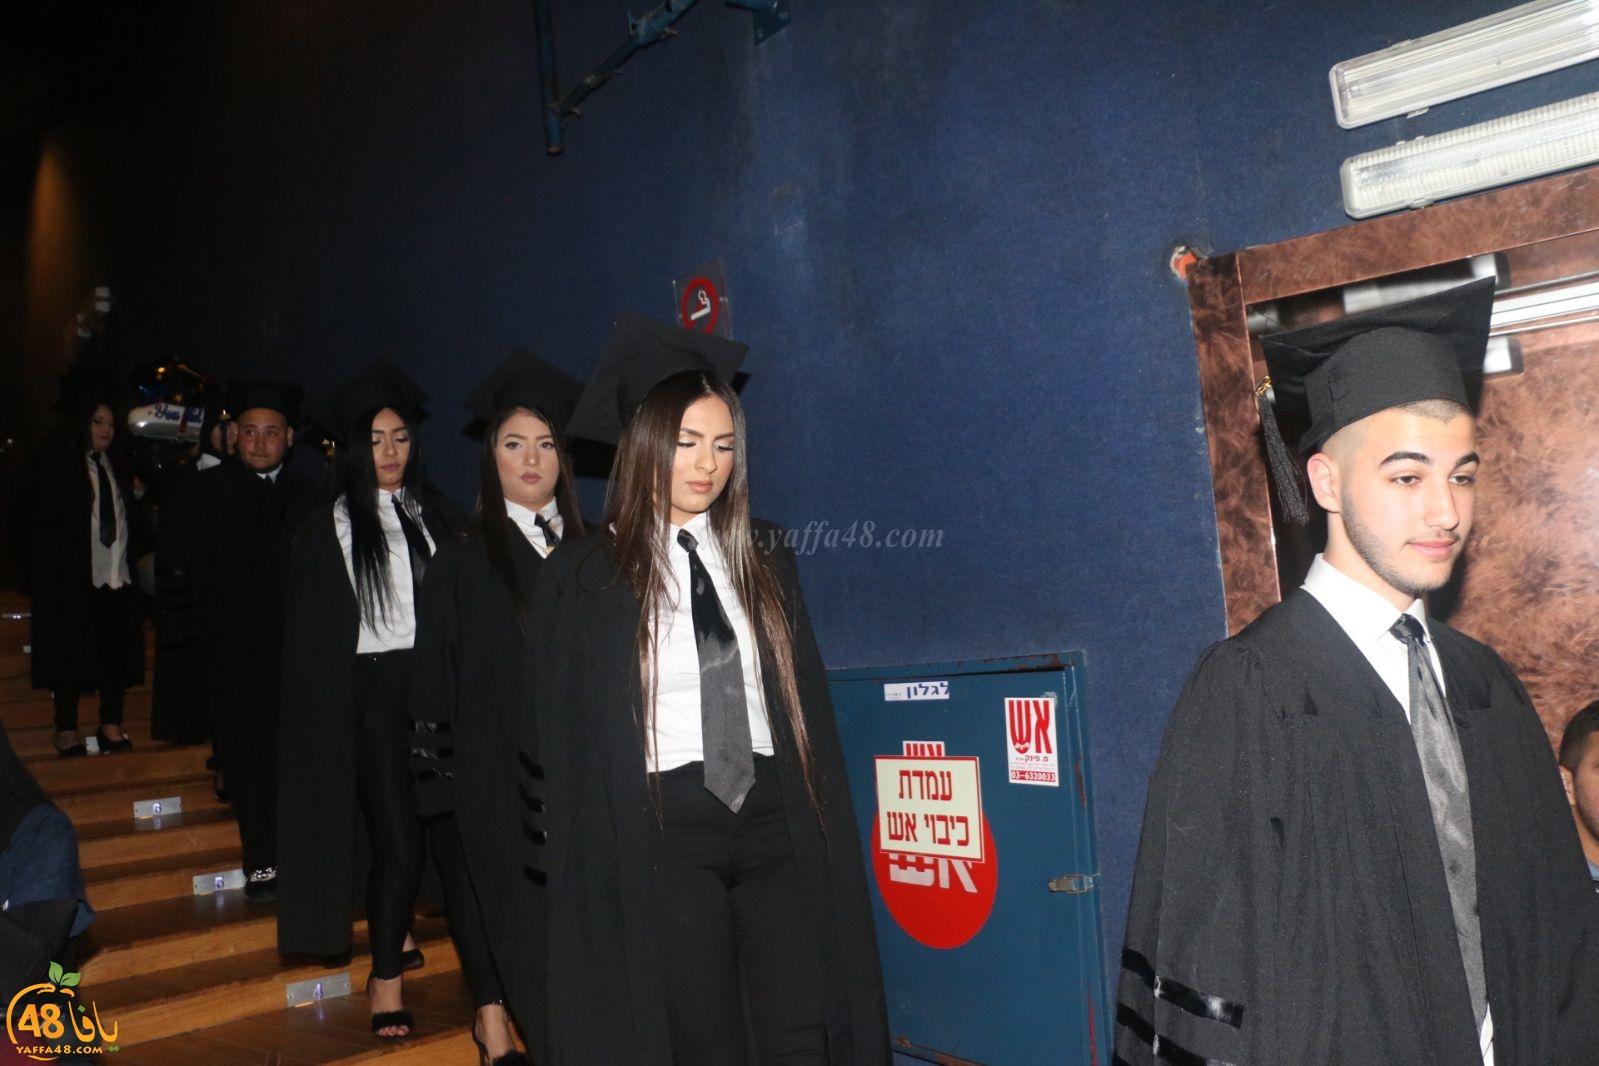 بالفيديو: مدرسة أجيال الثانوية بيافا تحتفل بتخريج فوجها الحادي عشر